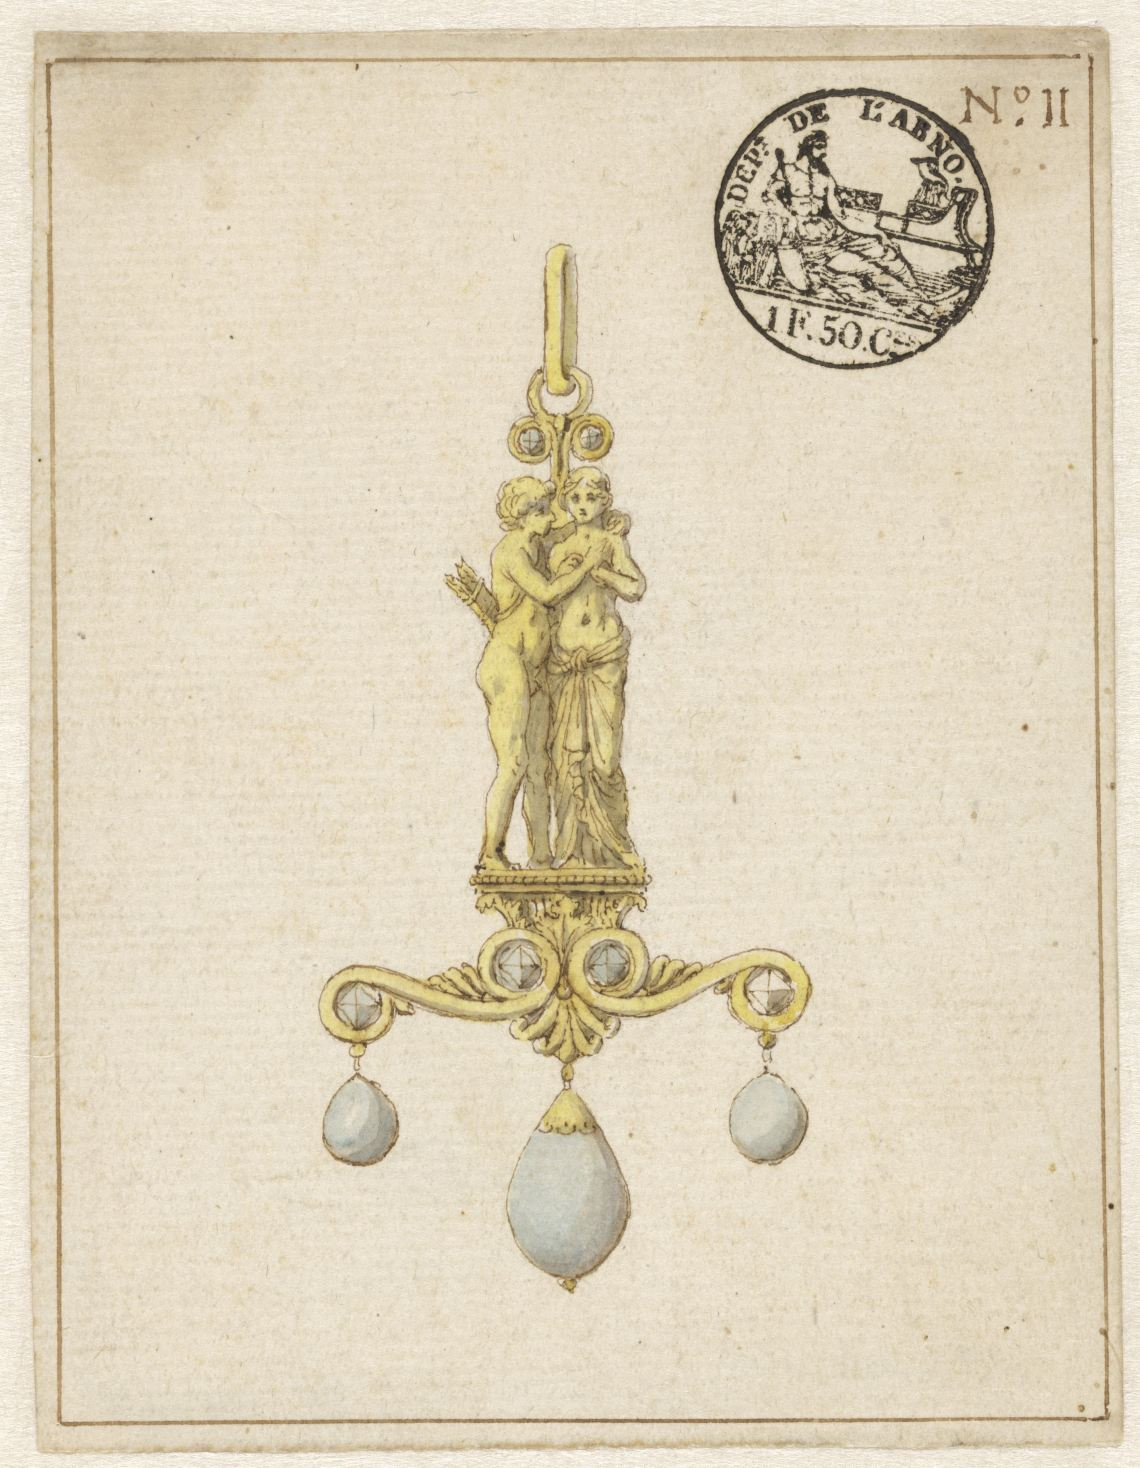 Tekening met ontwerp voor een hanger, circa 1810. Collectie Rijksmuseum, RP-T-2016-2-10, publiek domein